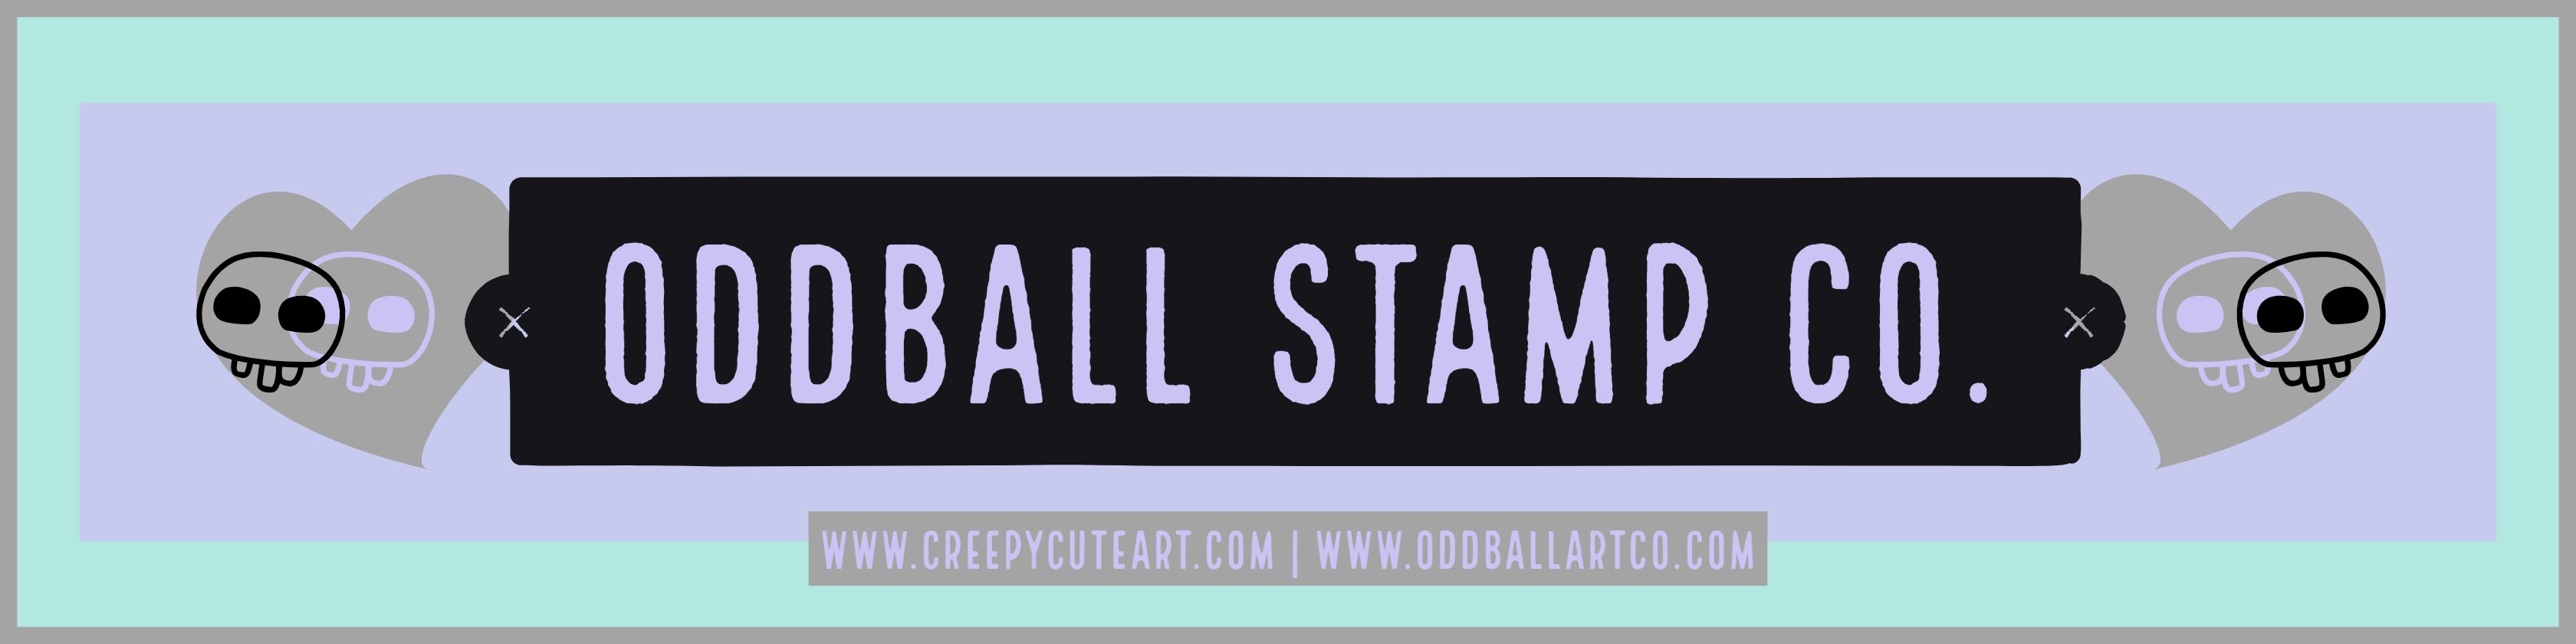 Oddball Stamp Shop